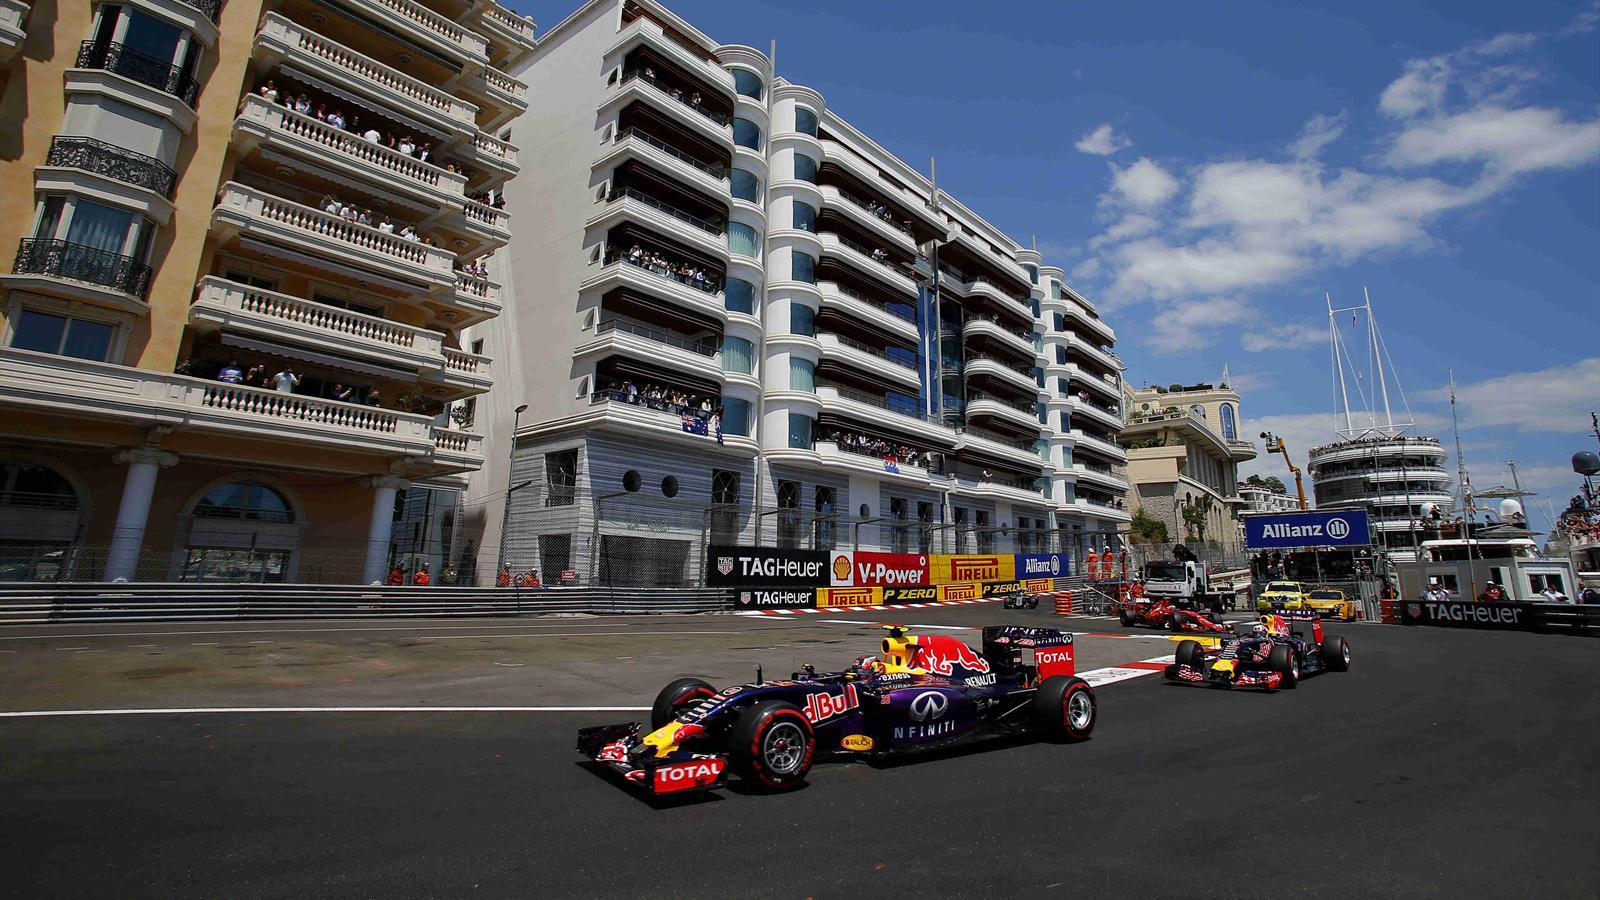 Spécial Sebastian Vettel (Formule un) - Page 20 1576040-33518182-1600-900